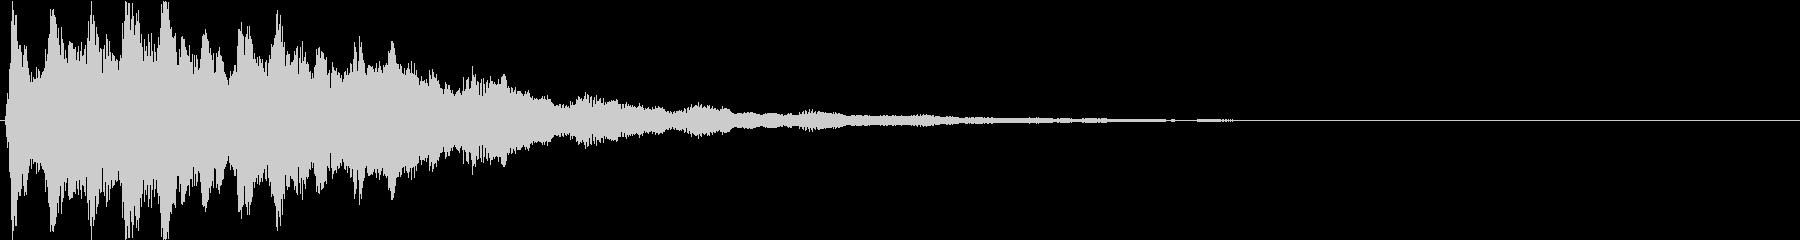 ピン:アニメや漫画で閃く時の音3の未再生の波形